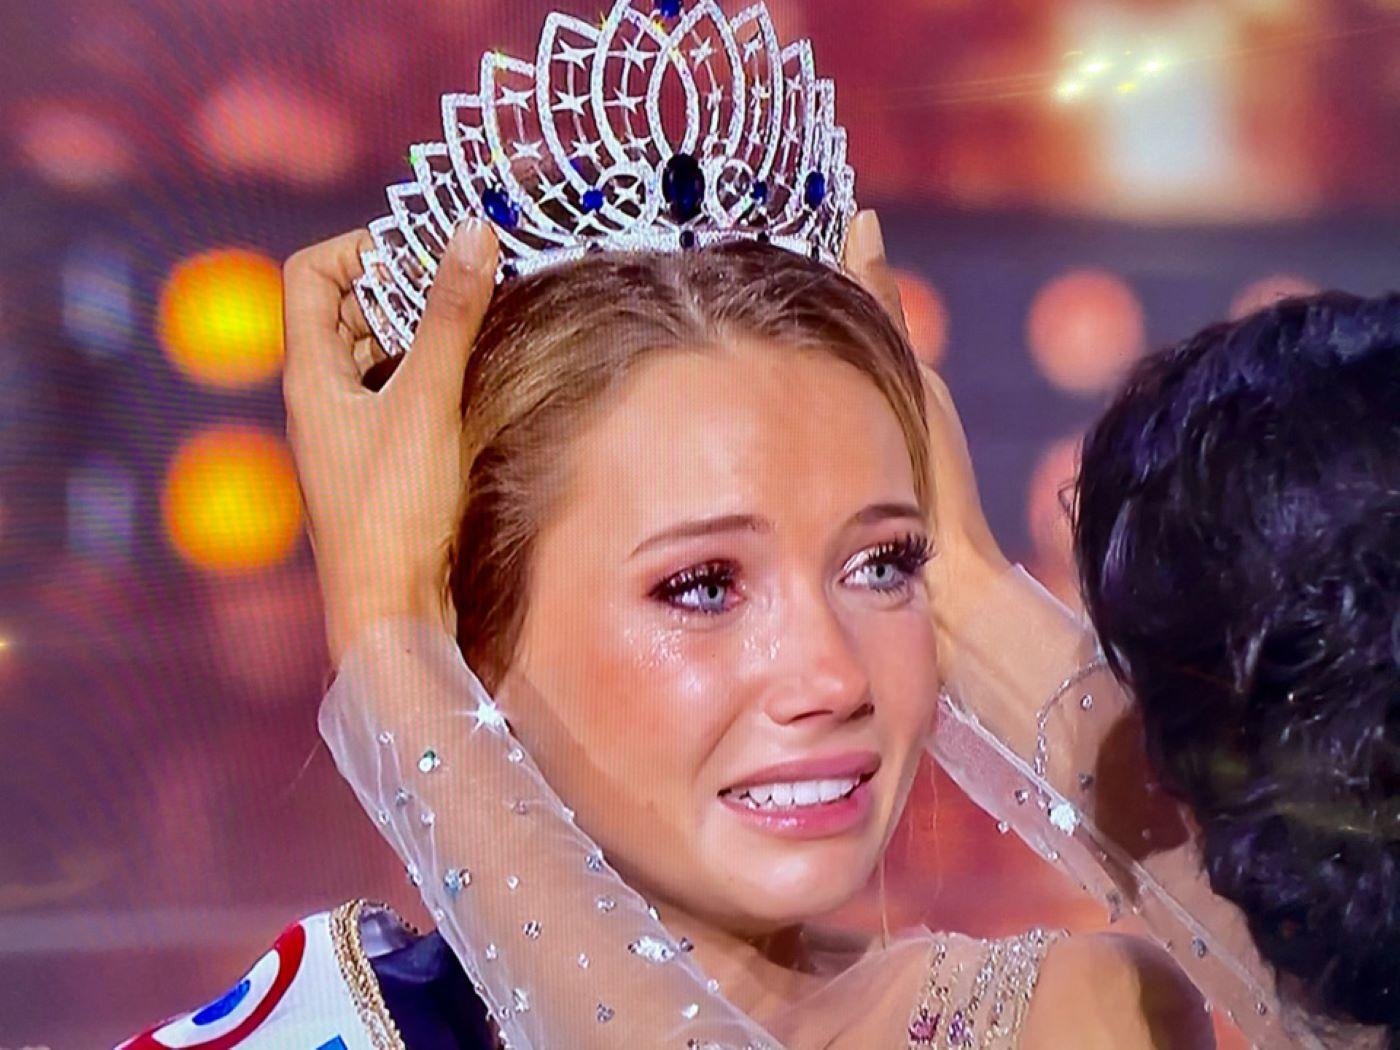 Beaucoup d'émotion sur le visage d'Amandine, 23 ans, au moment de coiffer ce soir la couronne de Miss France 2021 - @capture d'écran TF1